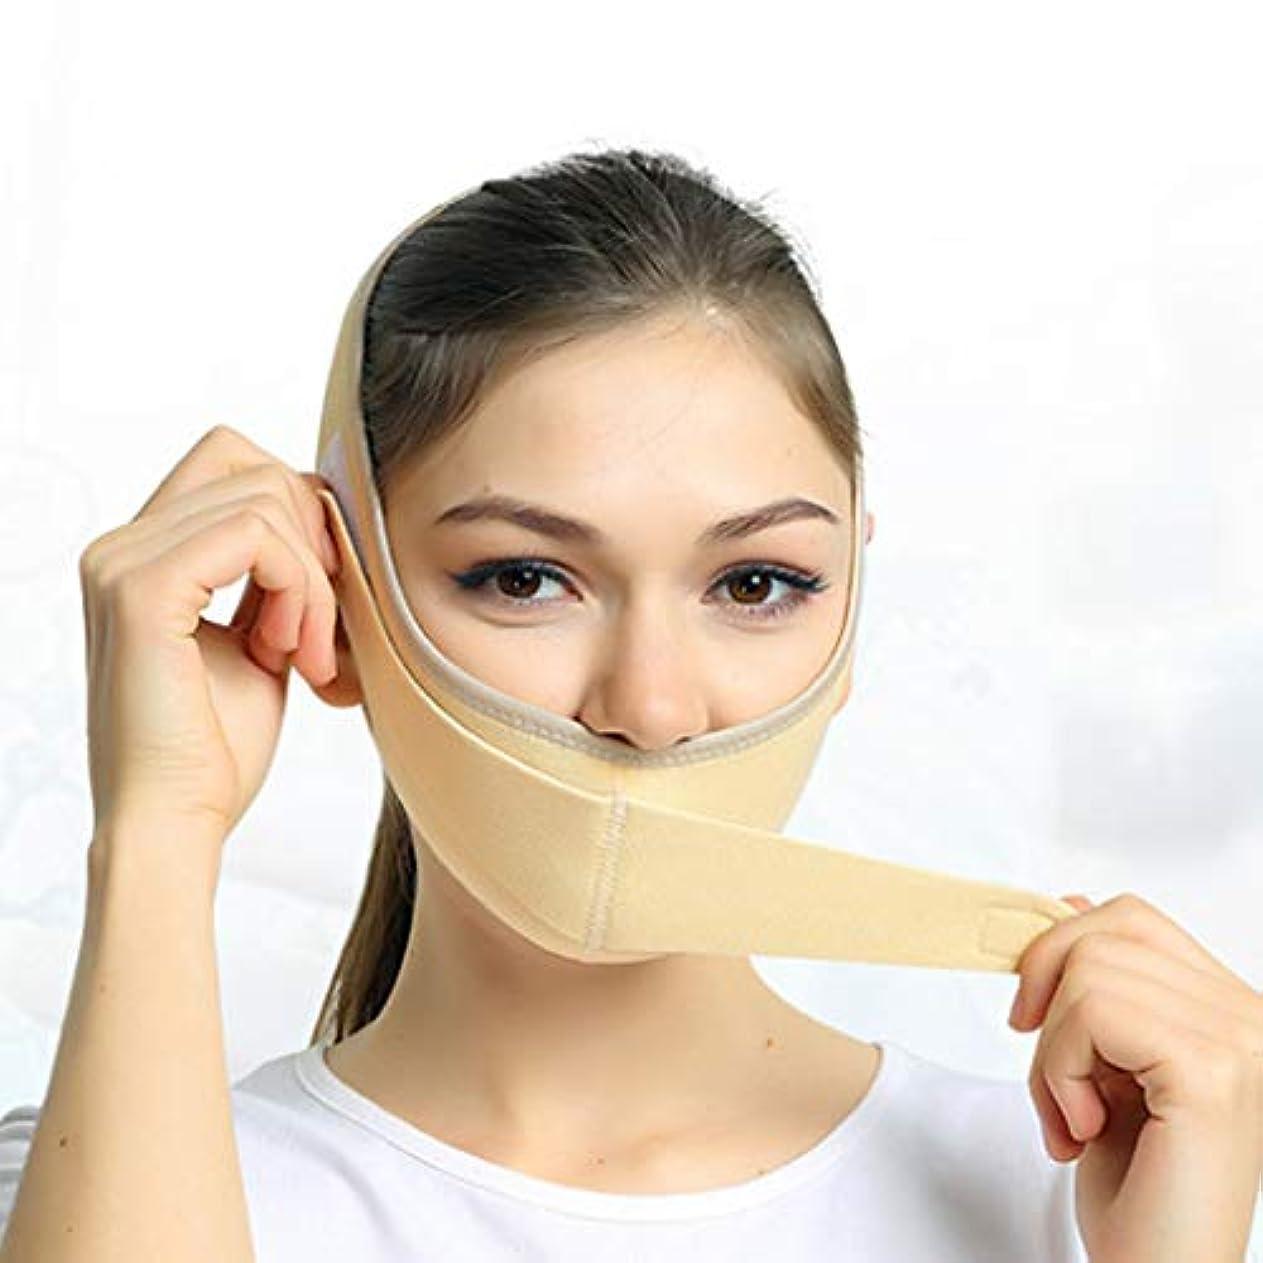 ベーシック比率ミュート顔の減量術後の回復包帯小さな v 顔睡眠マスク露出あごの医療顔